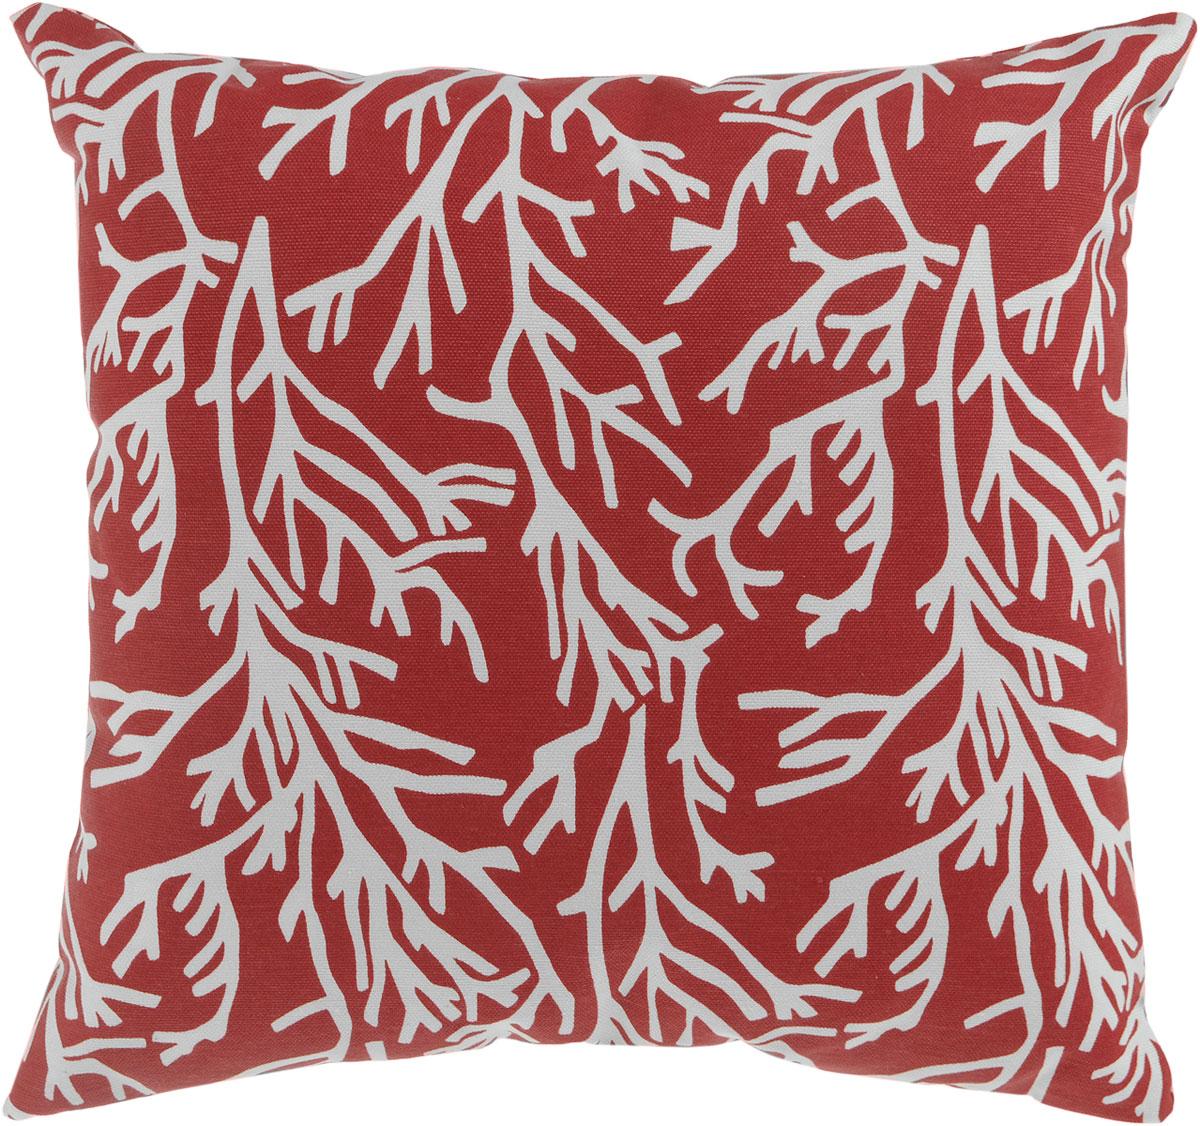 Подушка декоративная KauffOrt Красное море, 40 x 40 см3122913140Декоративная подушка Красное море прекрасно дополнит интерьер спальни или гостиной. Мягкий на ощупь чехол подушки выполнен из 25% полиэстера и 75% хлопка. Внутри находится мягкий наполнитель, выполненный из холлофайбера. Чехол легко снимается благодаря потайной молнии. Красивая подушка создаст атмосферу уюта и комфорта в спальне и станет прекрасным элементом декора.